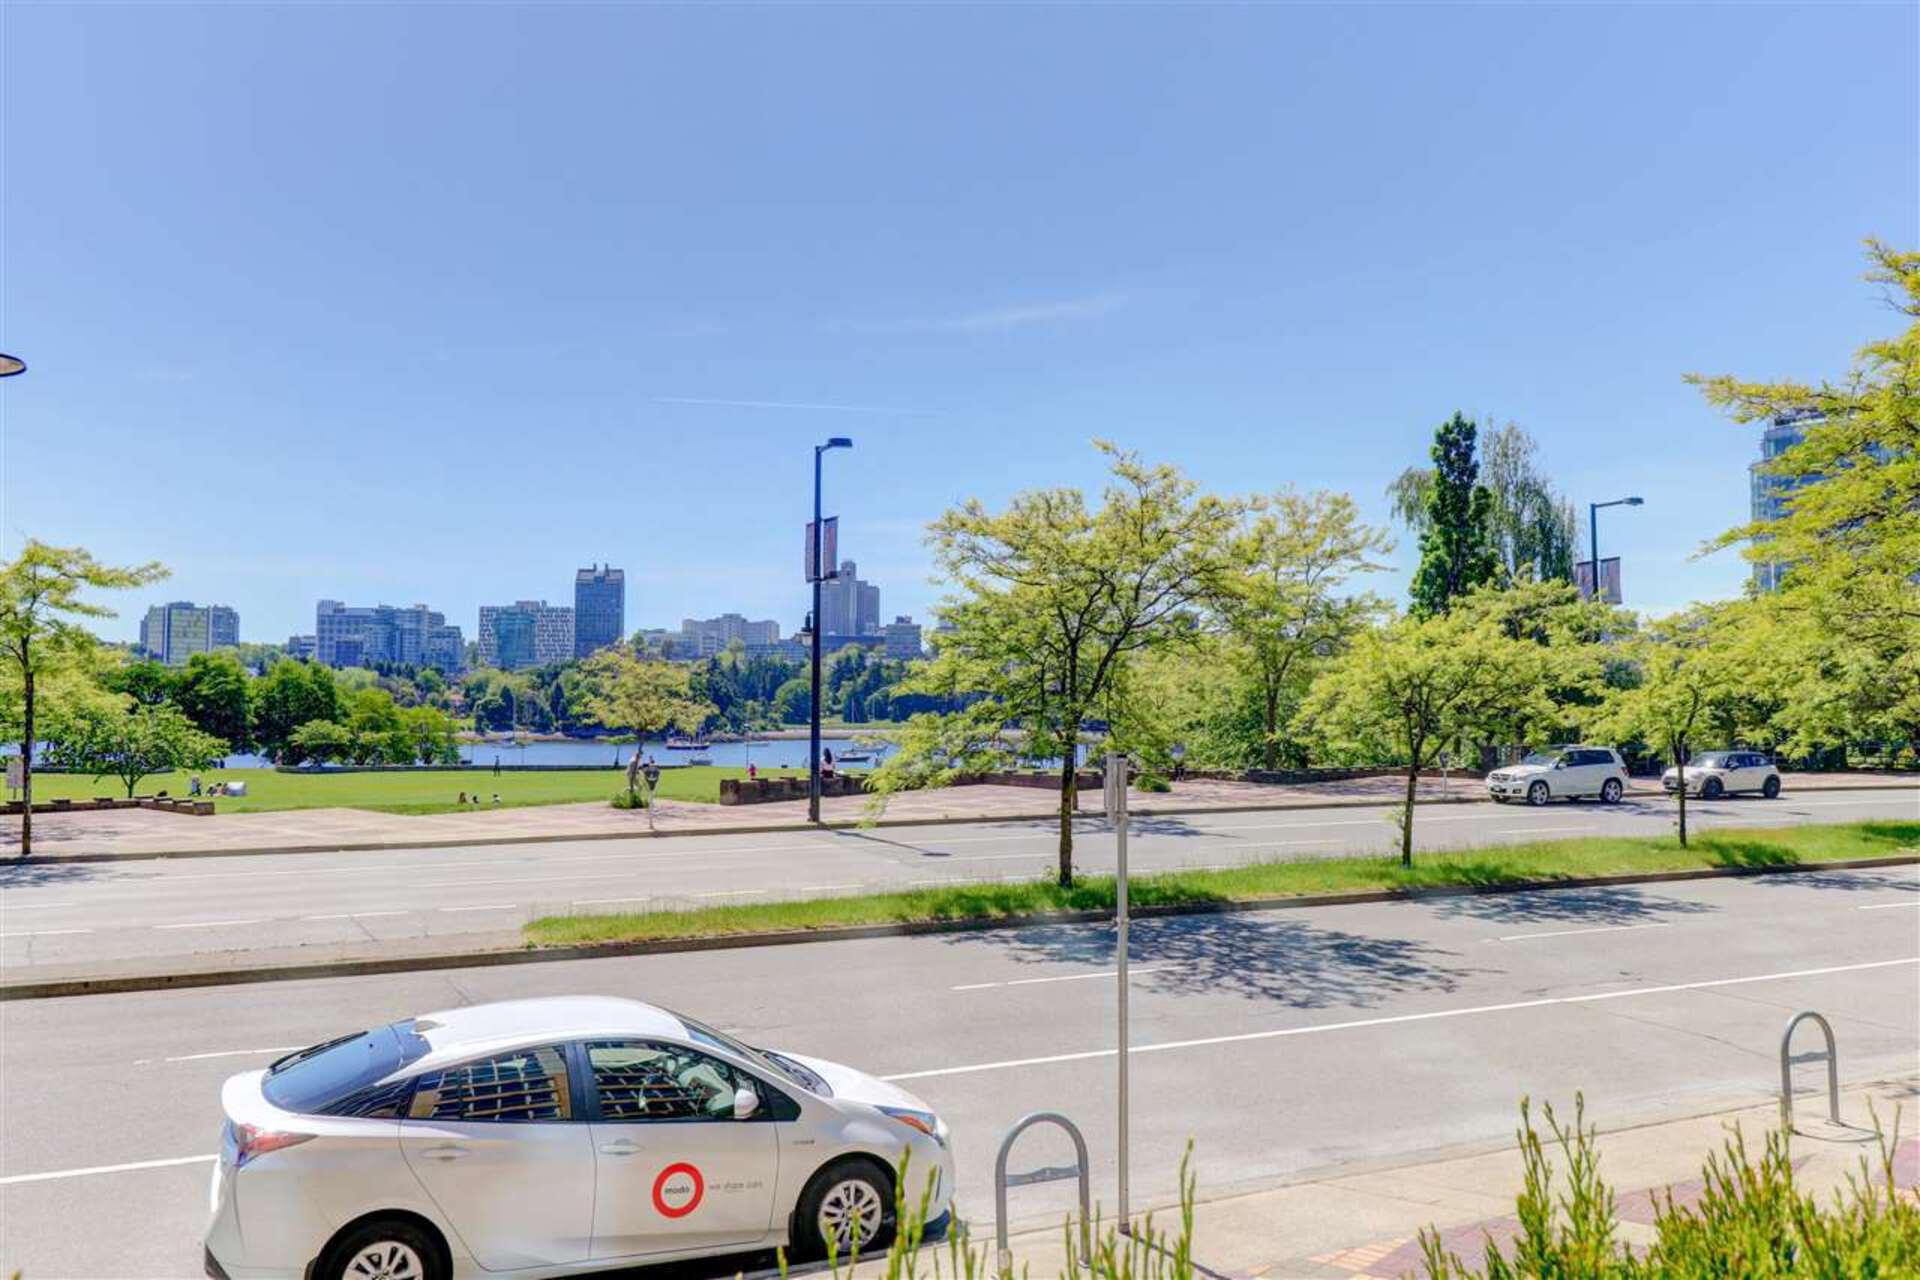 388-drake-street-yaletown-vancouver-west-27 at 103 - 388 Drake Street, Yaletown, Vancouver West